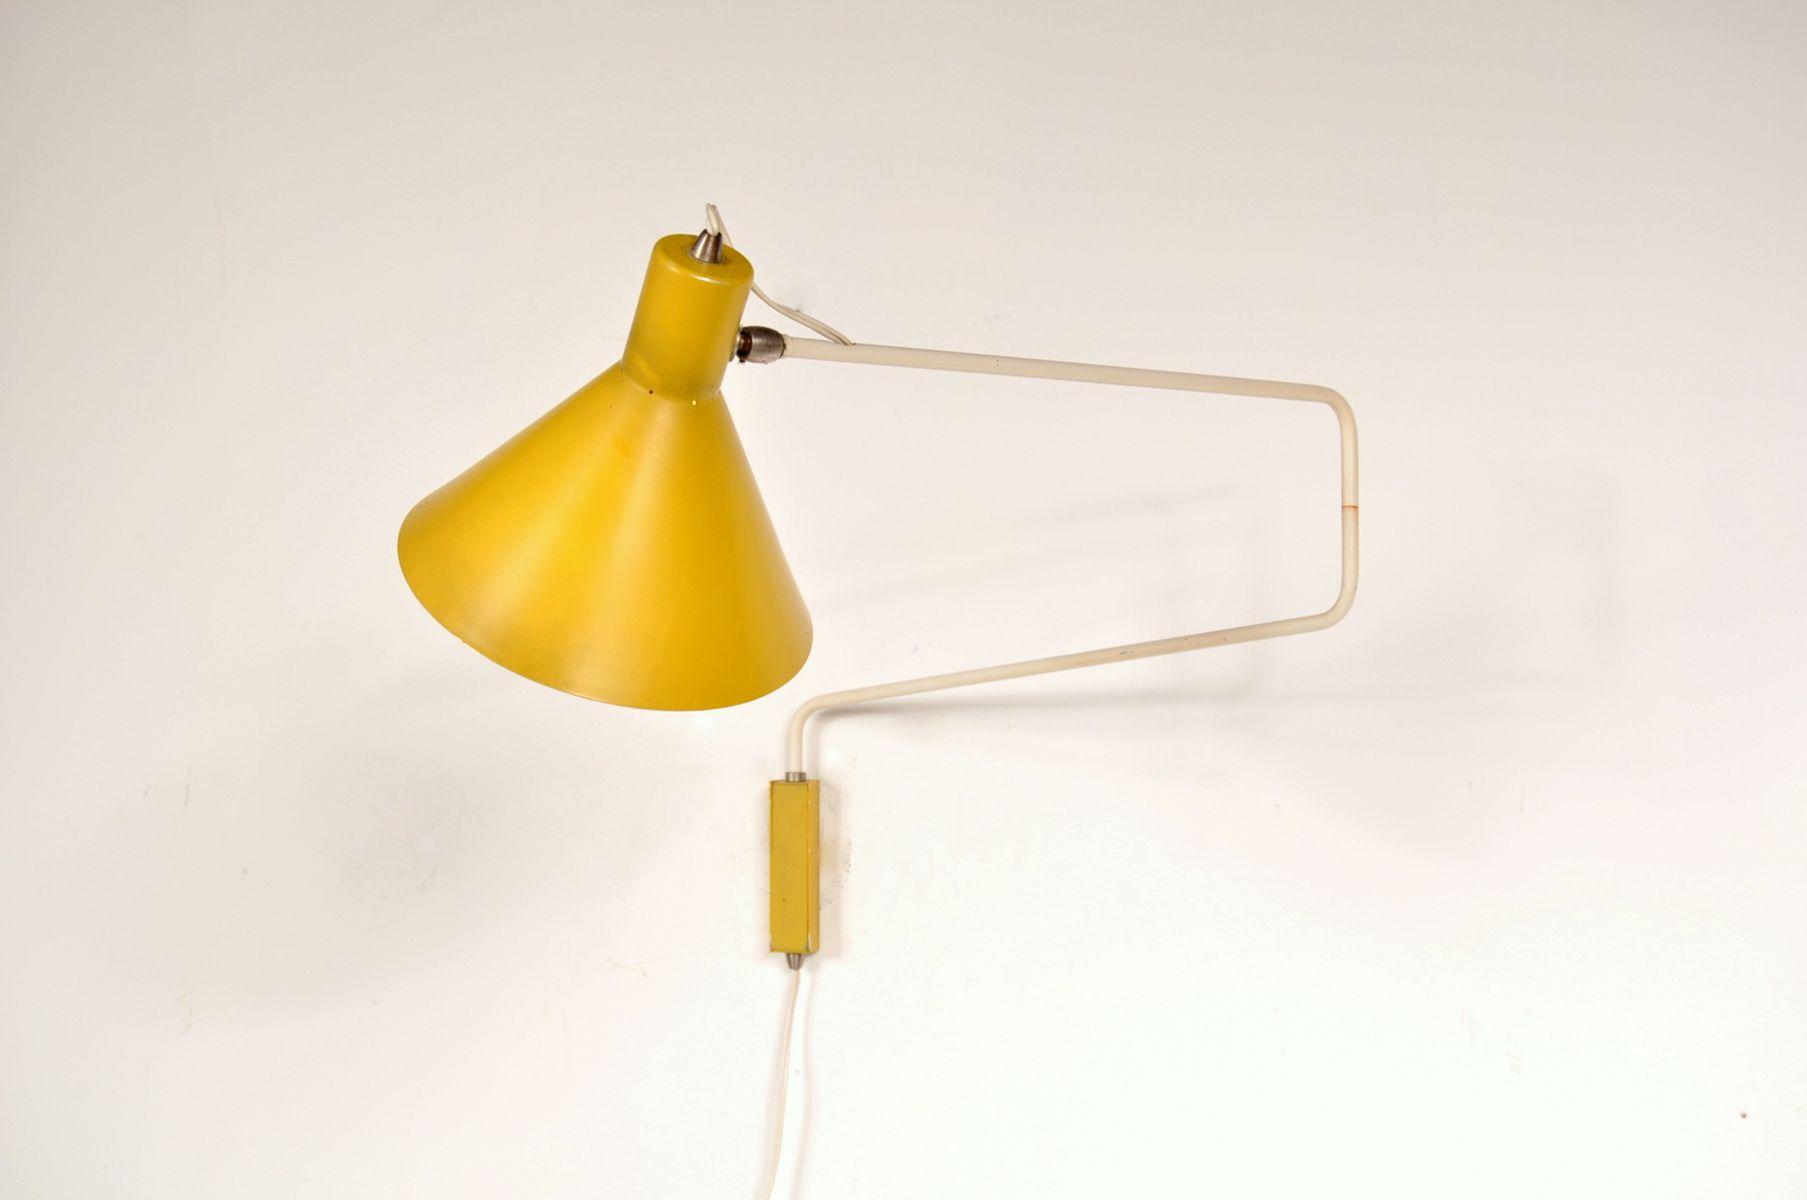 applique murale en m tal avec un bras articul jaune fluo. Black Bedroom Furniture Sets. Home Design Ideas